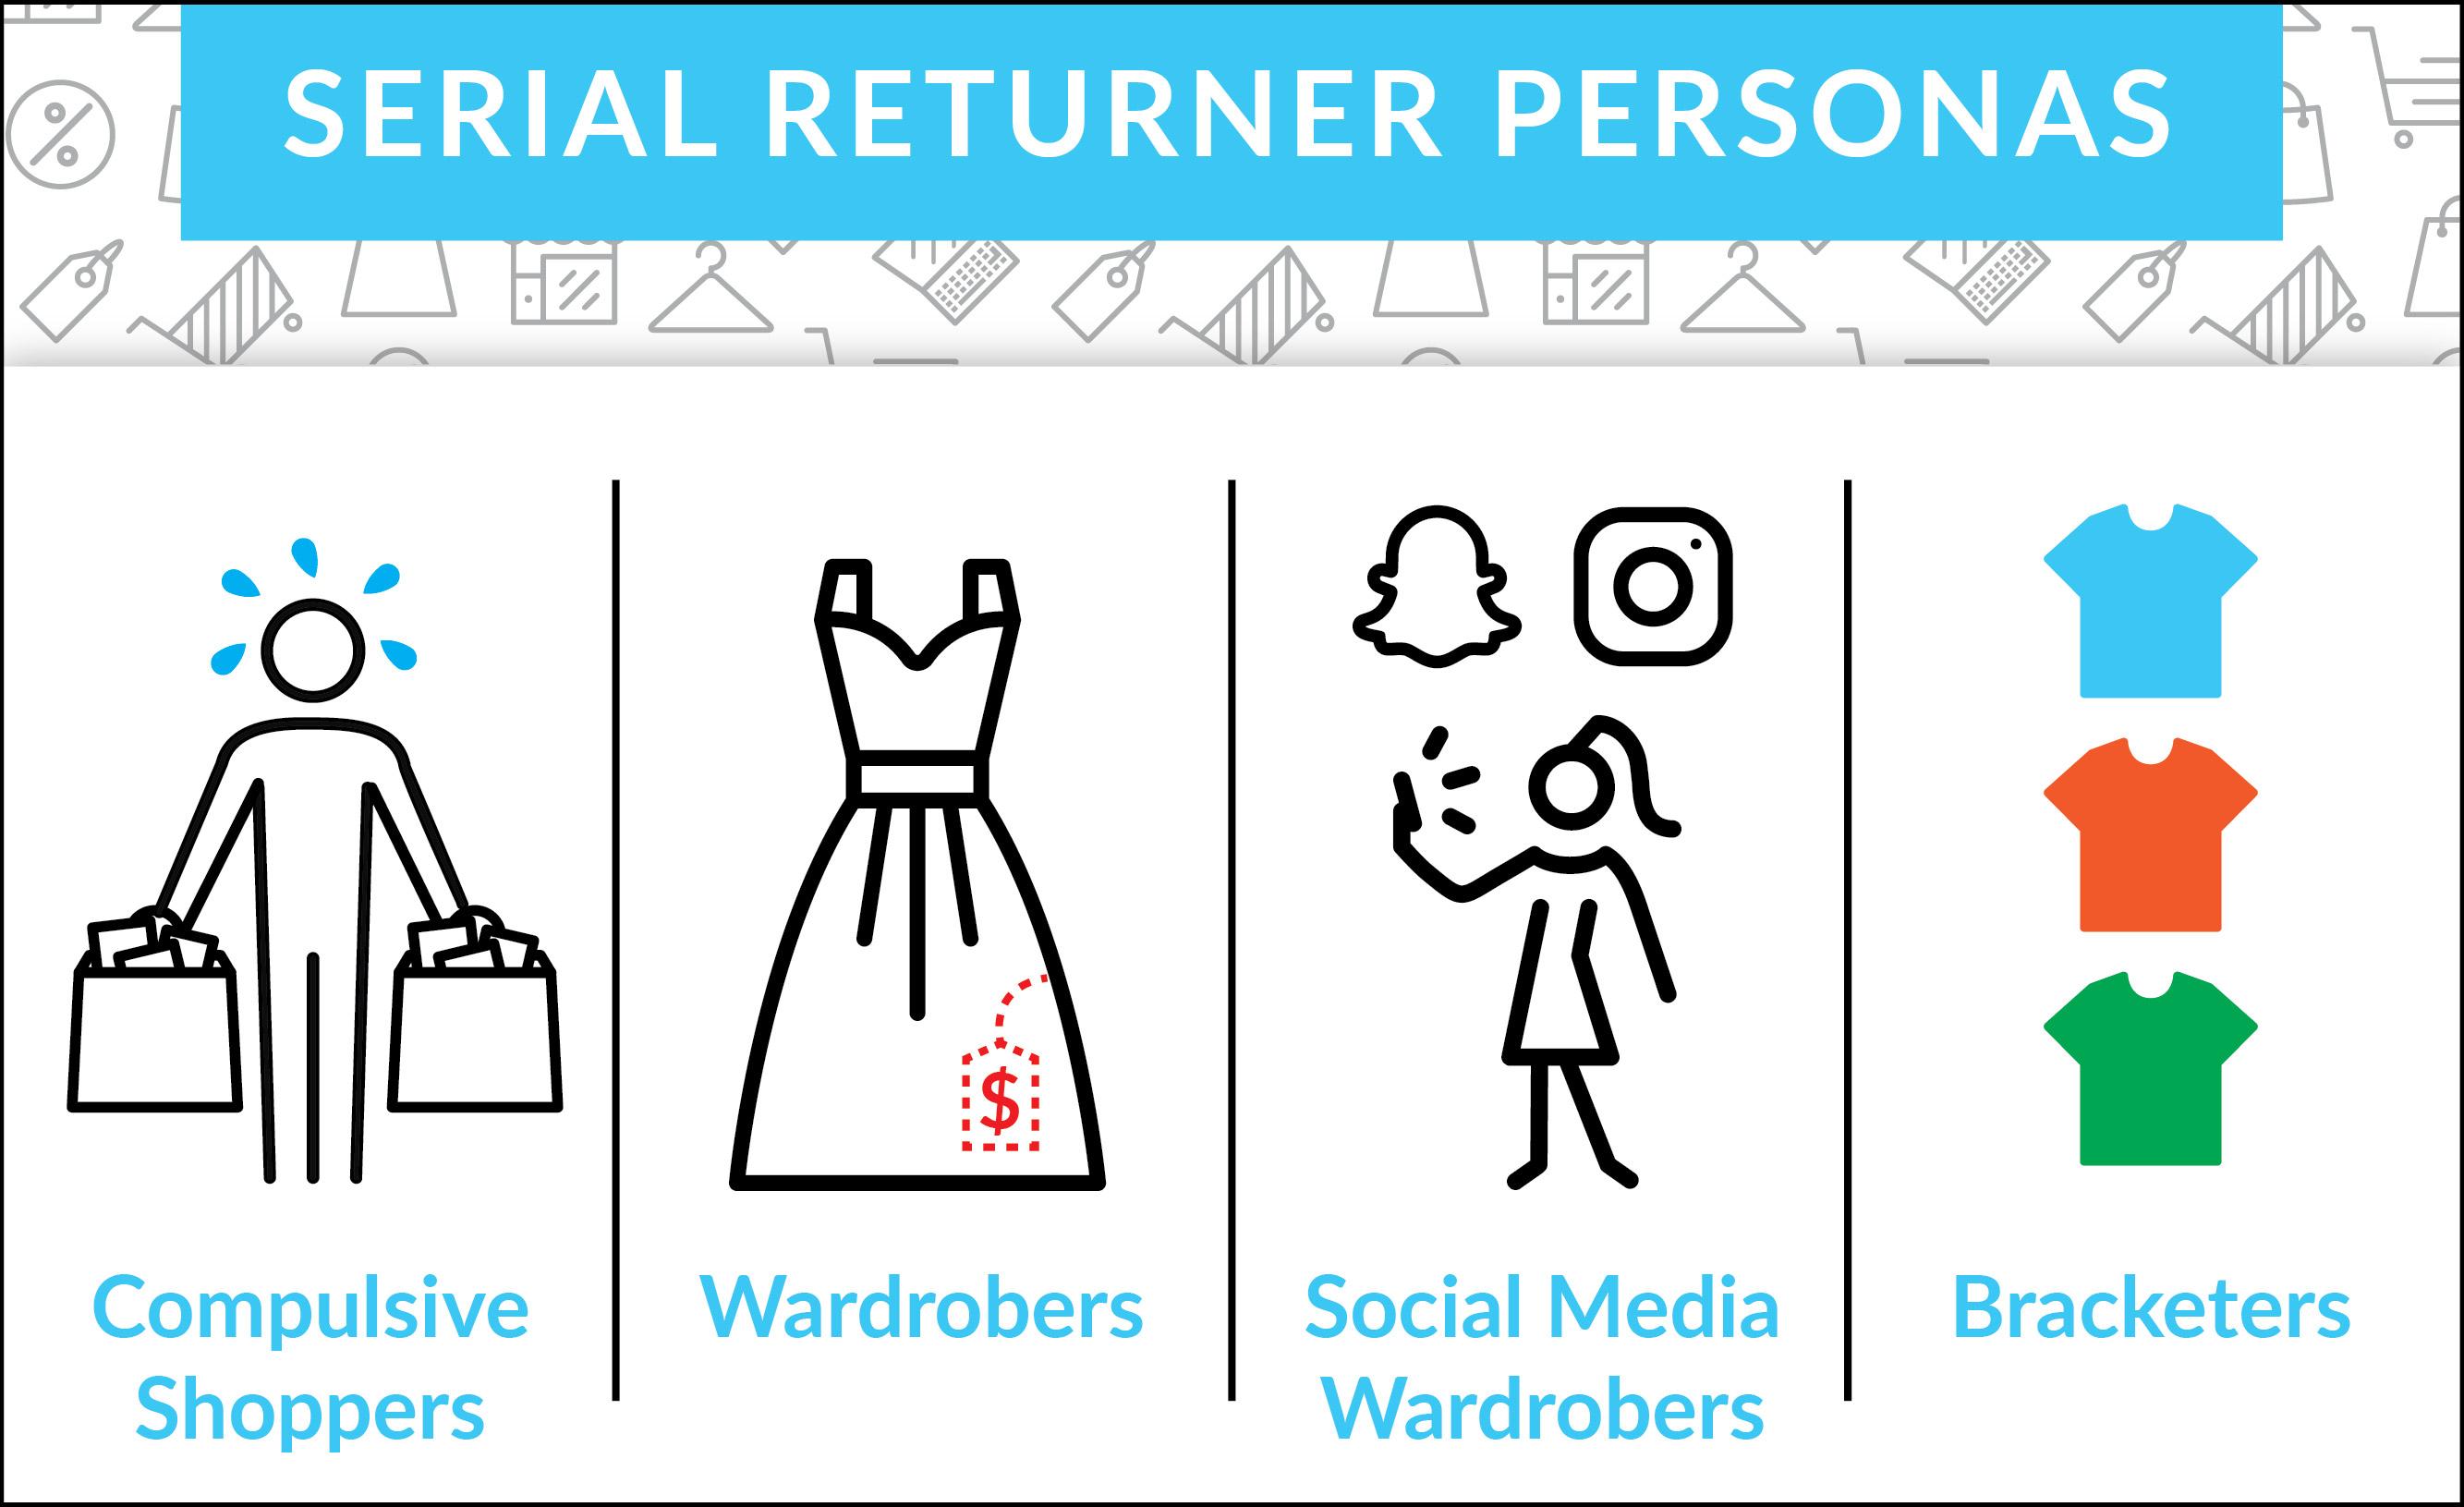 Personas of serial returners